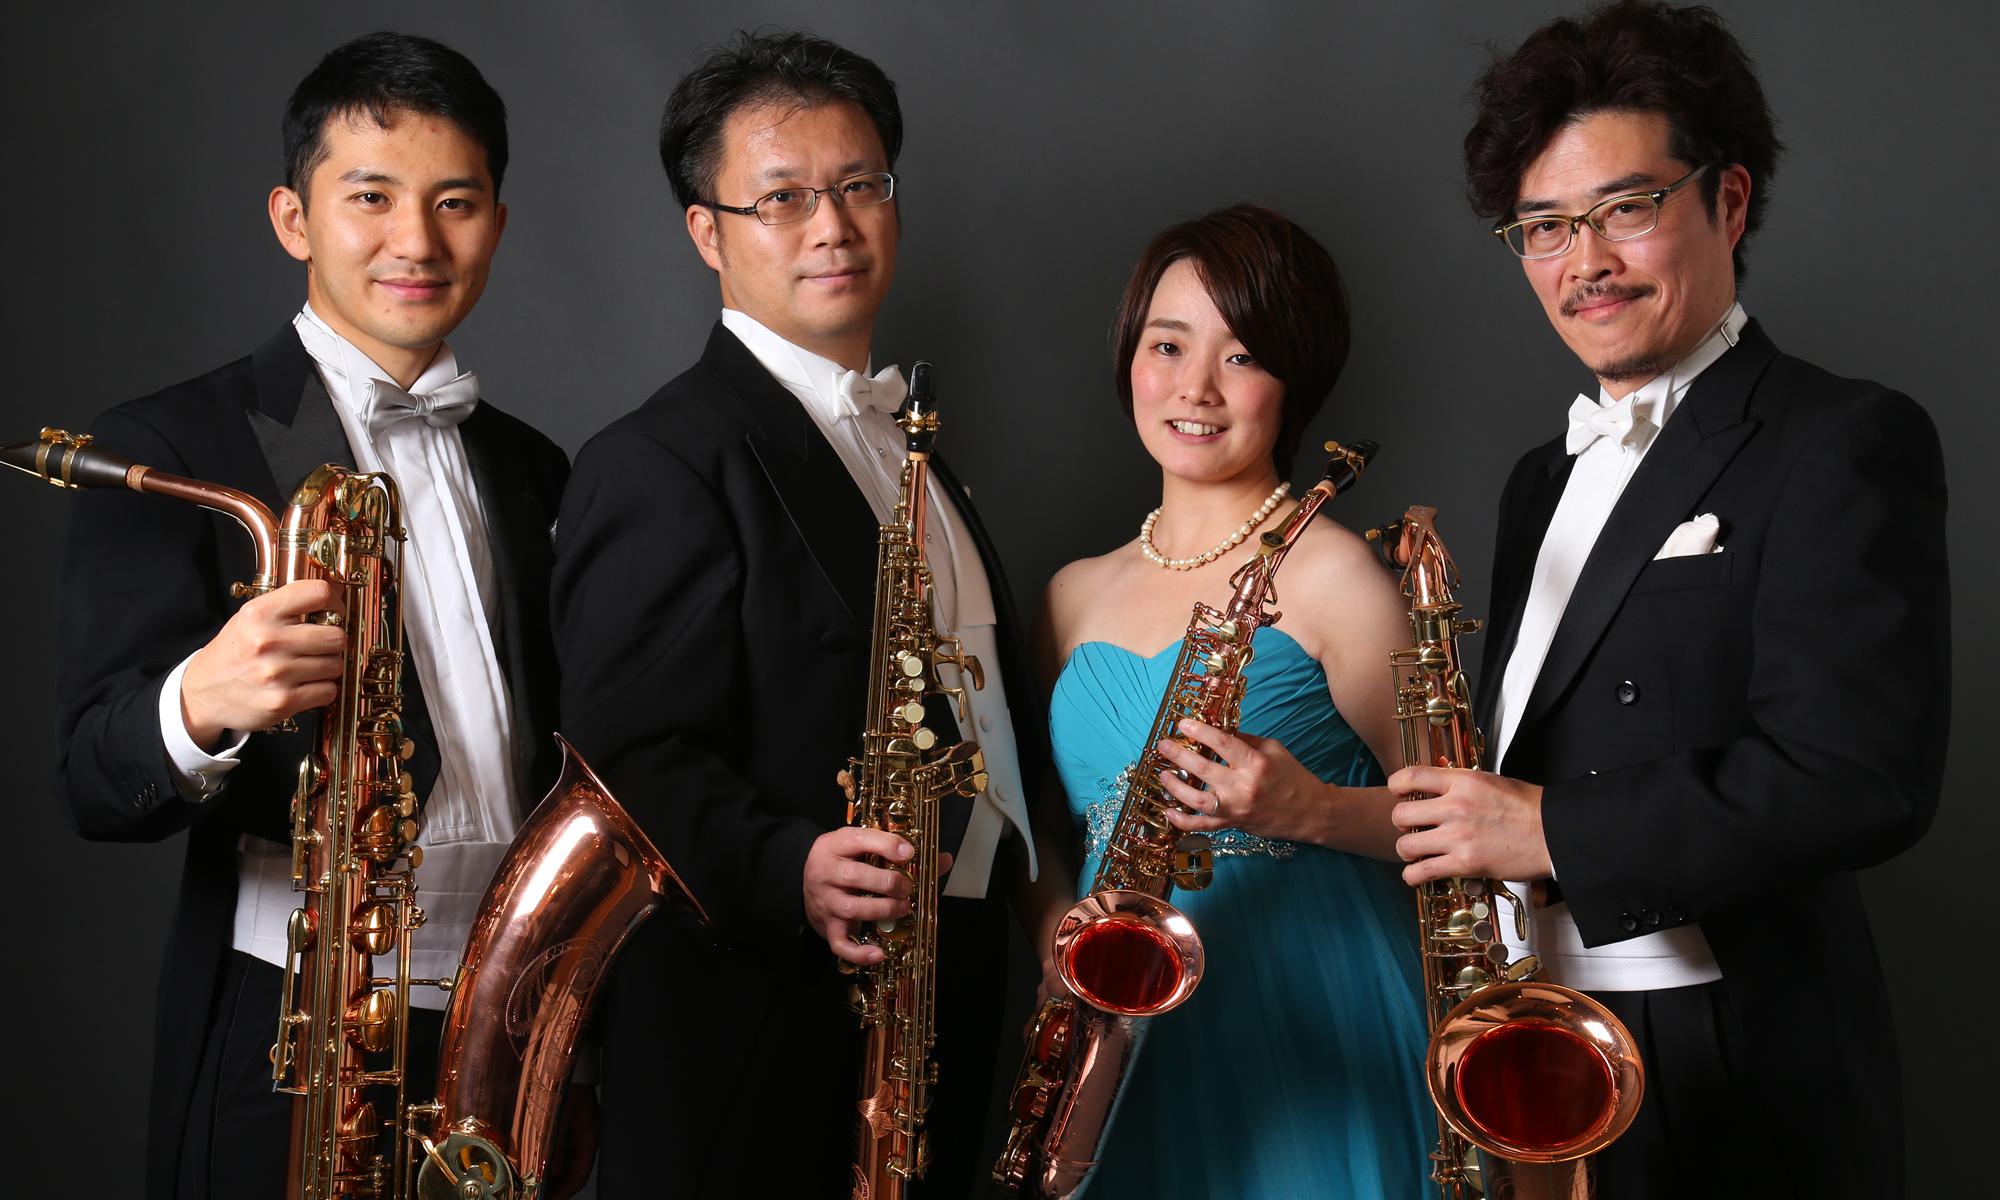 滝上典彦 オフィシャルサイト NORIHIKO TAKIUE Saxophonist